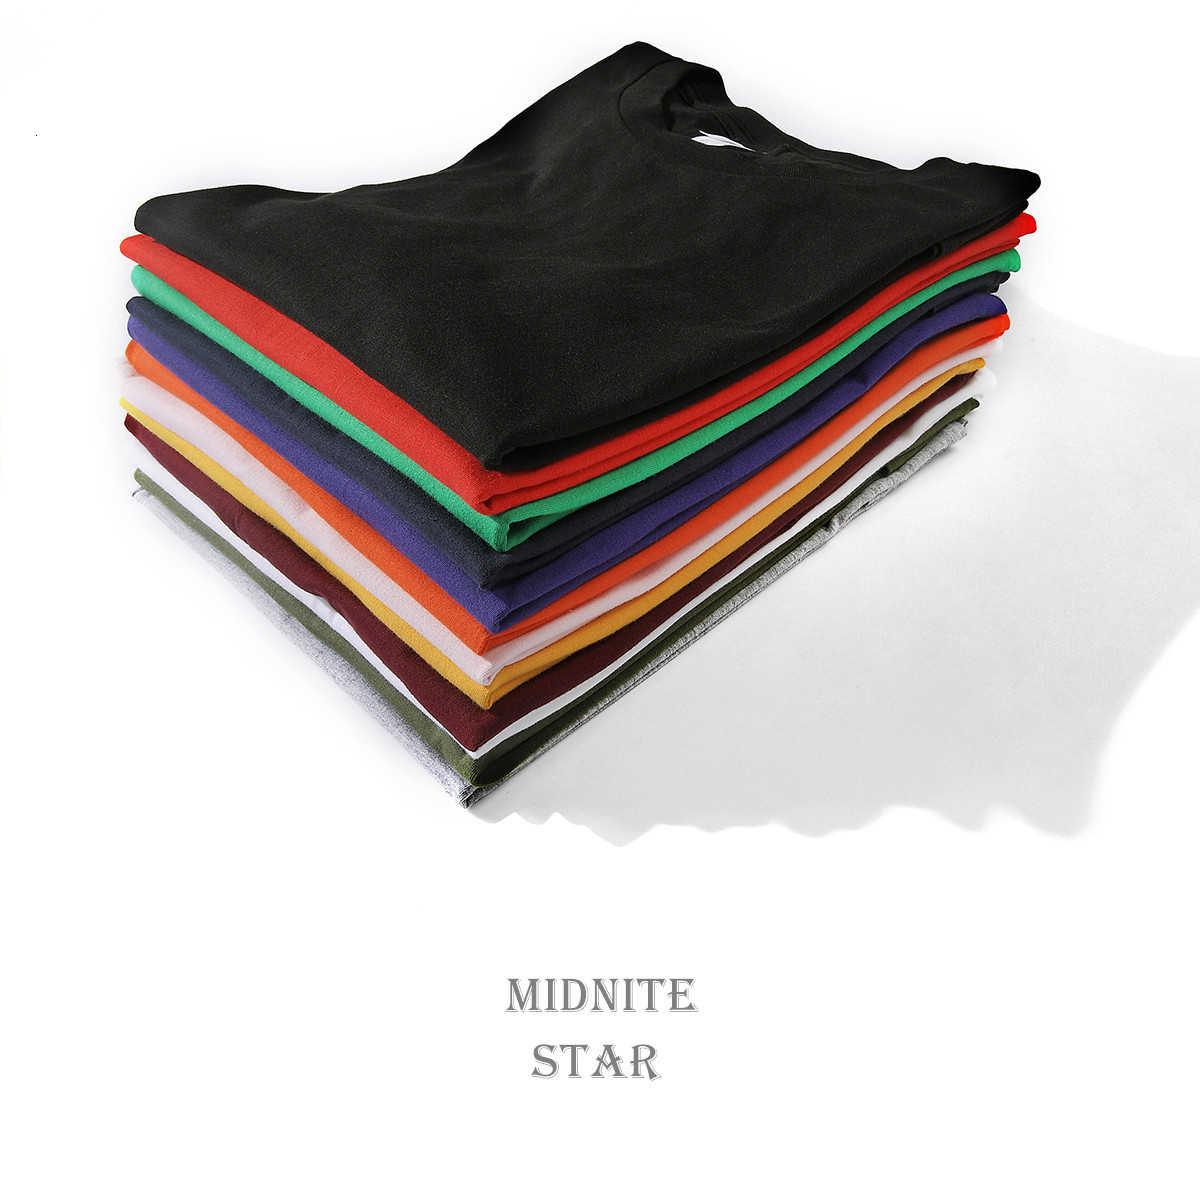 Футболка Midnite star Elvis Presley, Мужская футболка, рок-н-ролл, топы в стиле хип-хоп, футболка с 3D персонажем, одежда известного музыканта, черная футболка